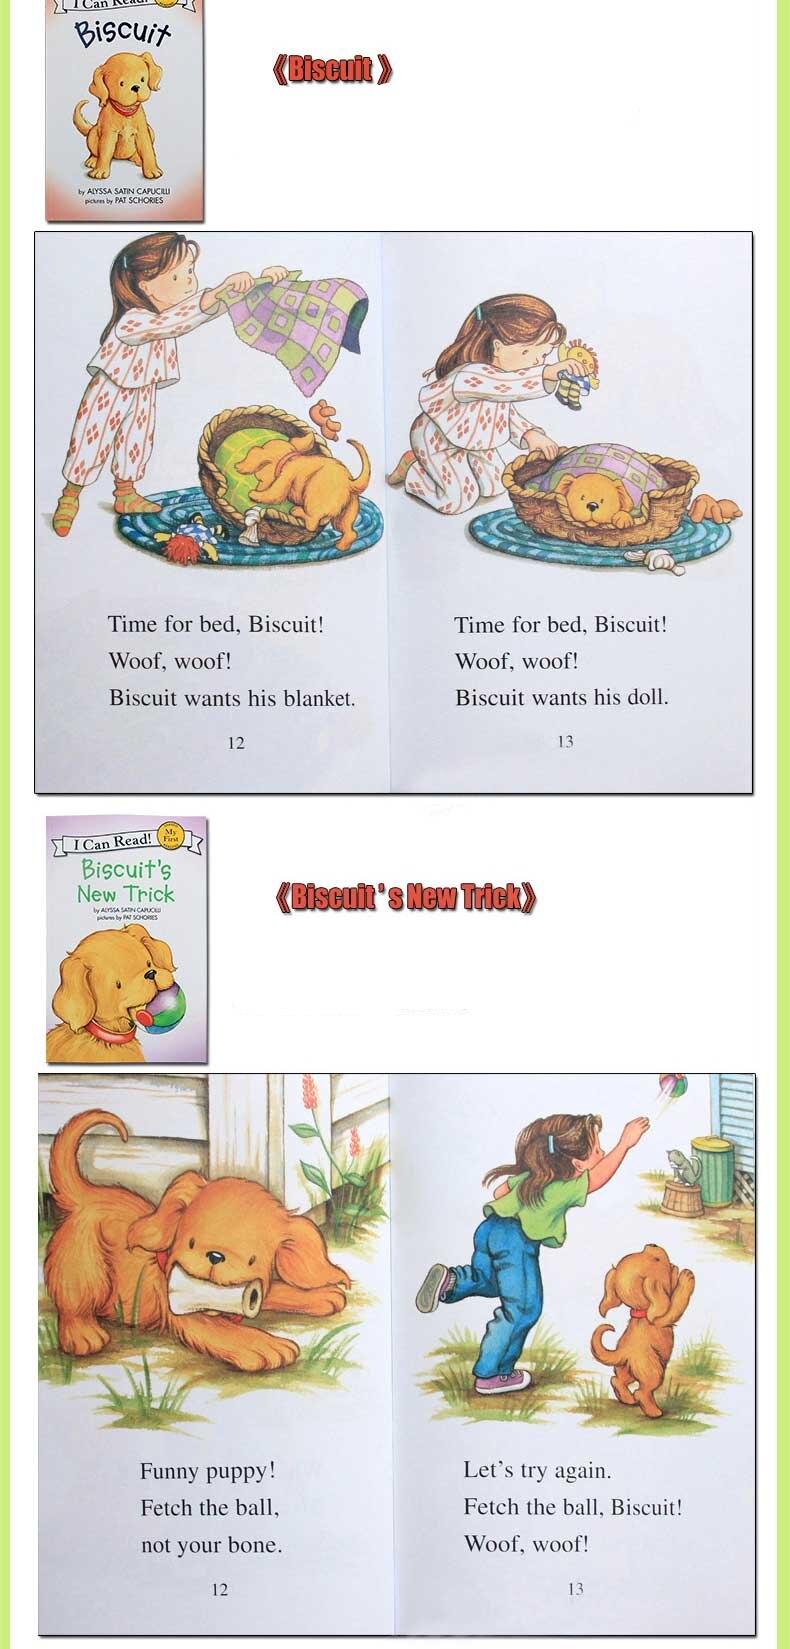 Livros de Imagens QUE EU Posso Ler